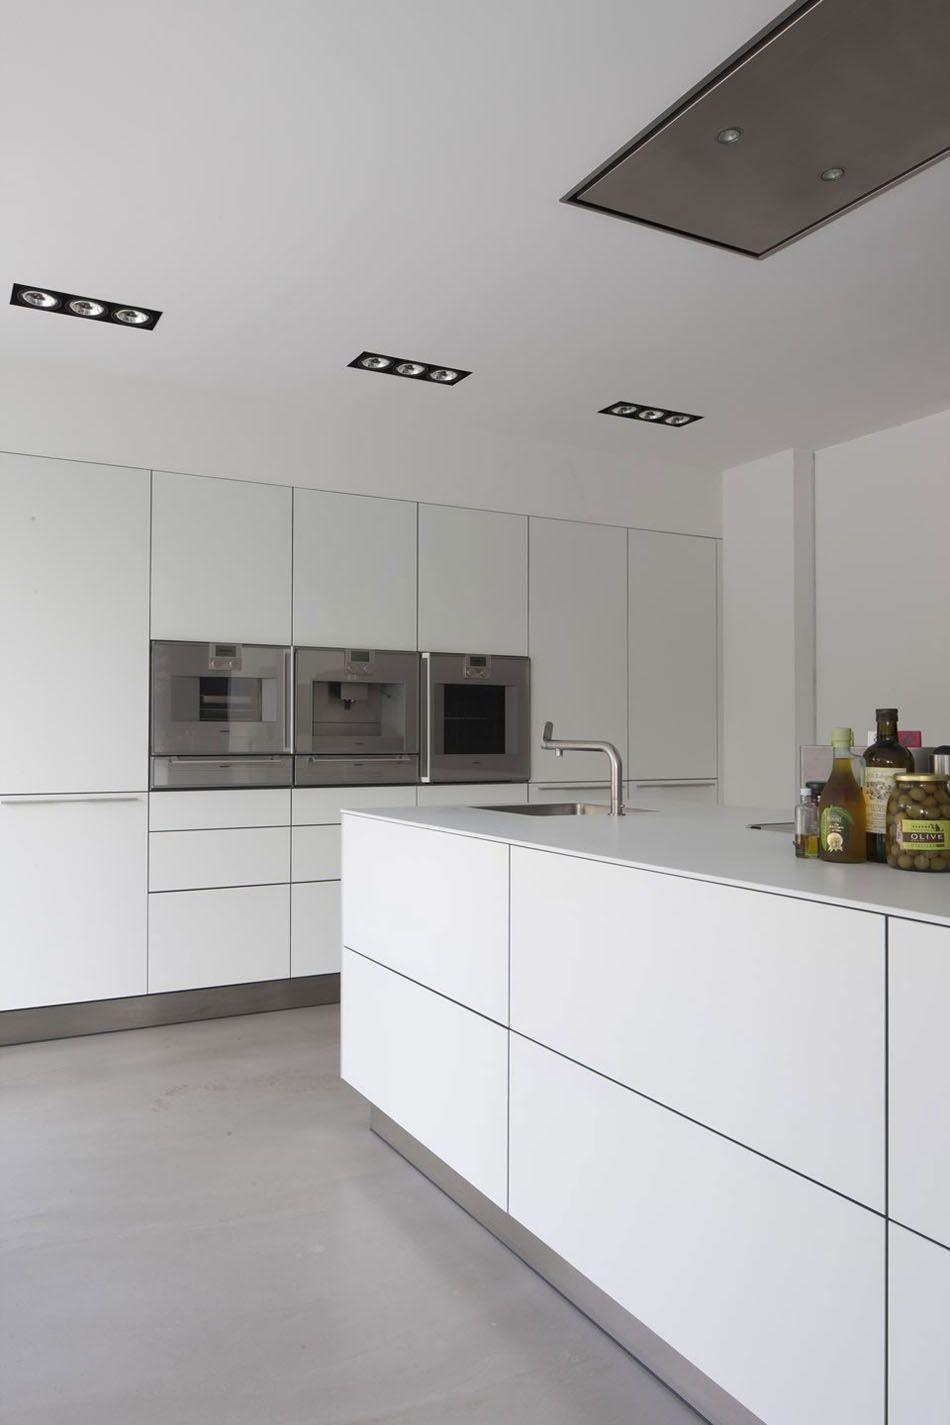 Moderne küchen innenausstattung wohnungseinrichtung minimalismus inneneinrichtung beleuchtung modernes modernen weißen küche moderne küchen